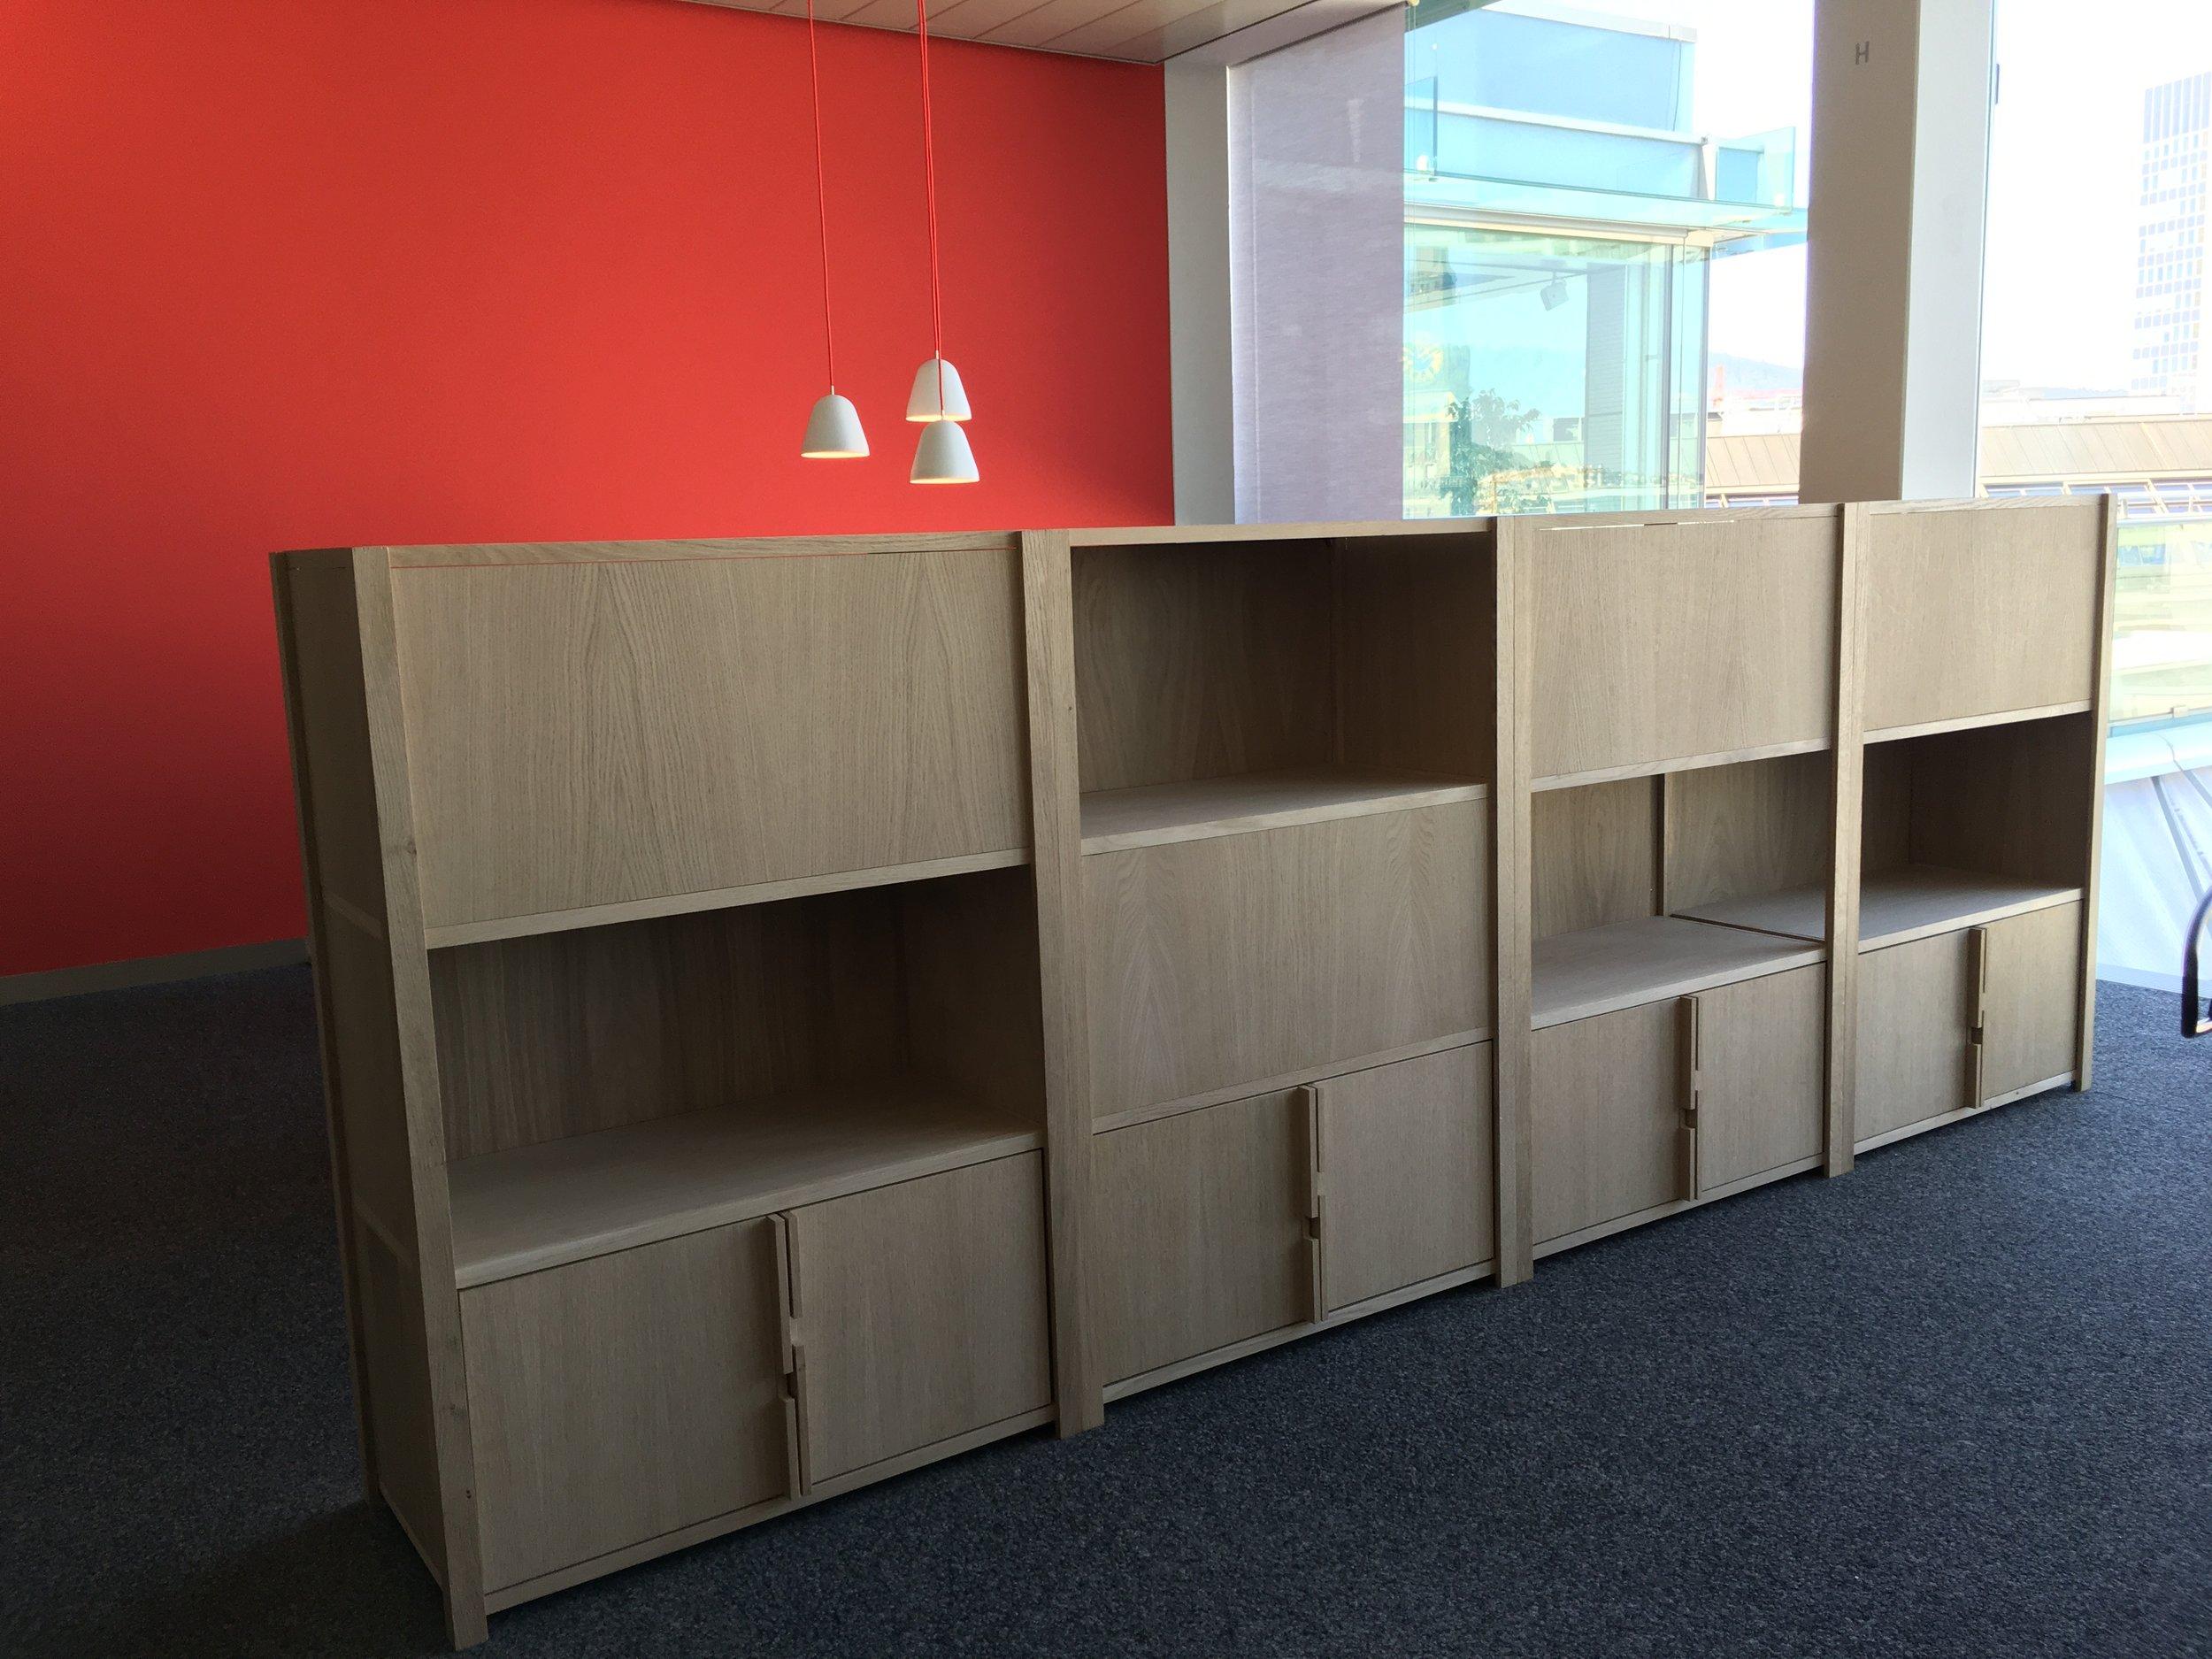 eat.ch Regal - Dieses Regal steht bei eat.ch im Grossraumbüro.Ständerkonstruktion aus Eiche, Modular mit Seiten- und Rückwänden oder auch Türen.